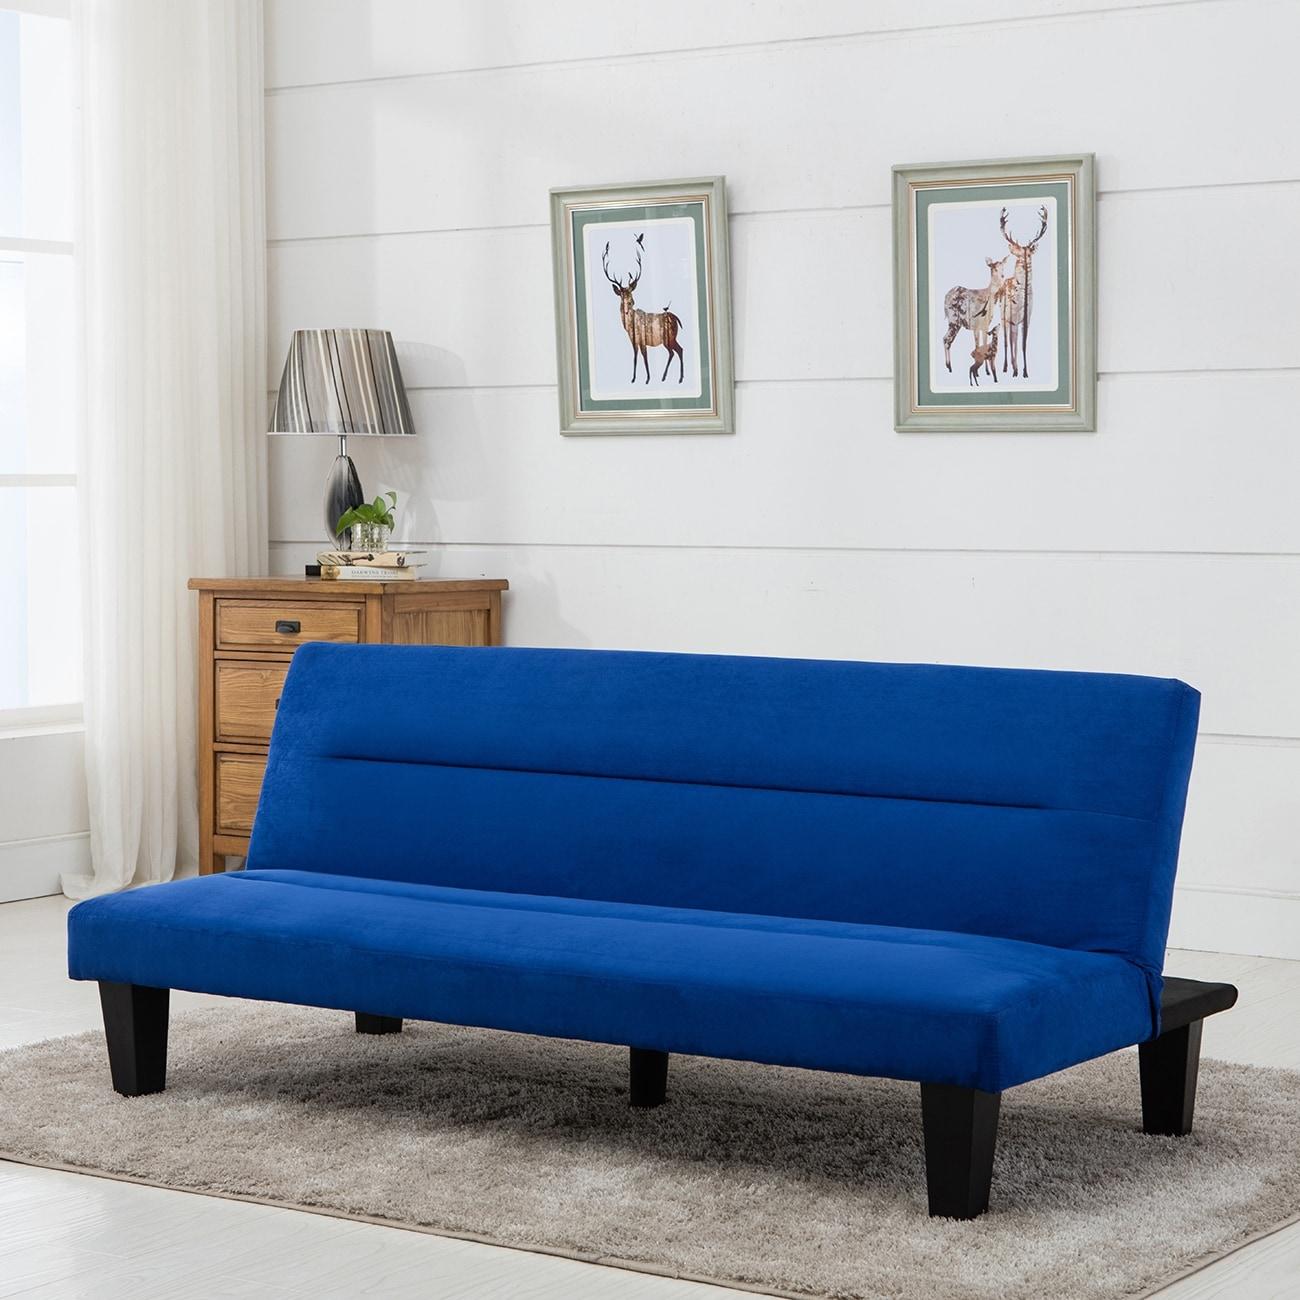 Shop Belleze Premium Convertible Sofa Futon, Microfiber Couch Bed ...